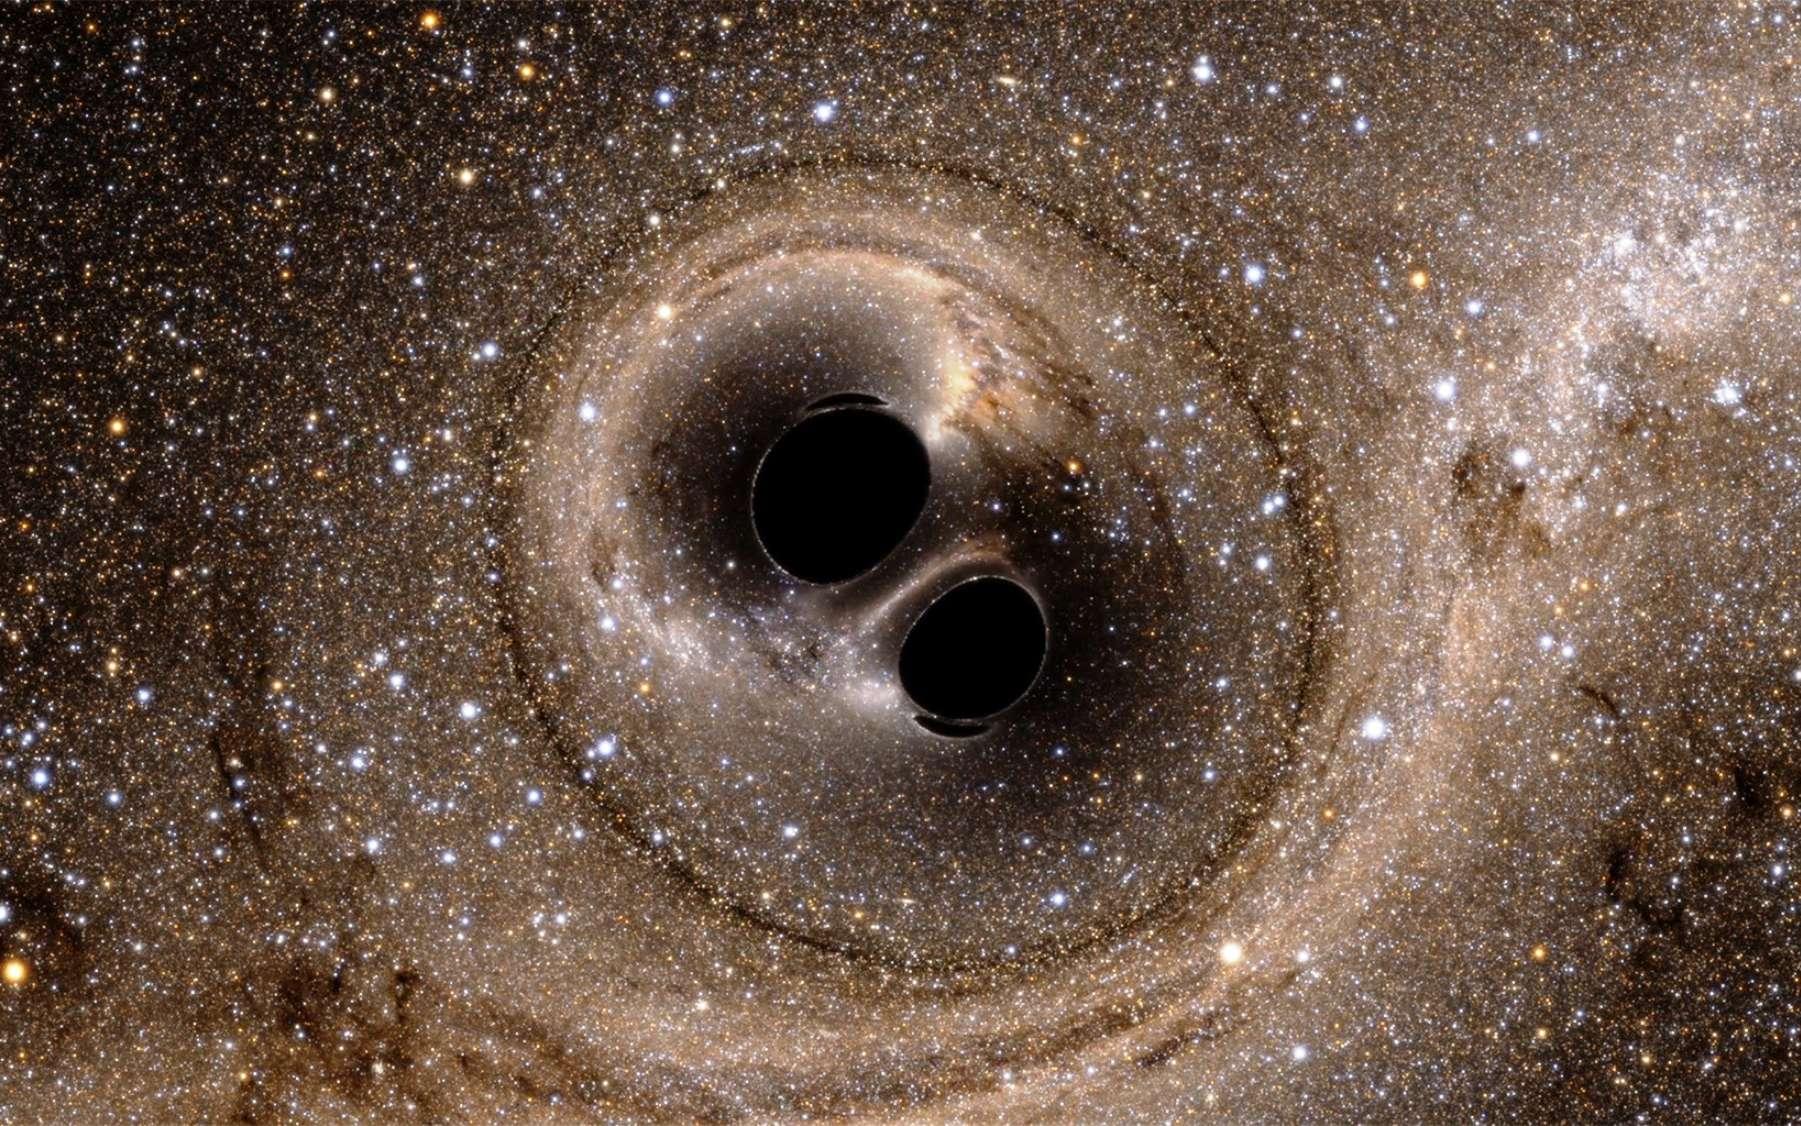 Ligo (Laser Interferometer Gravitational-Wave Observatory) a permis de détecter l'onde gravitationnelle produite par la collision puis la fusion de deux trous noirs d'environ 30 masses solaires chacun. À quoi aurait ressemblé visuellement l'évènement pour des observateurs installés à quelques milliers de kilomètres ? Des simulations numériques permettent de le découvrir ; cette image, qui illustre des effets de lentille gravitationnelle, est extraite de l'une d'elles. © SXS (Simulating eXtreme Spacetimes project)